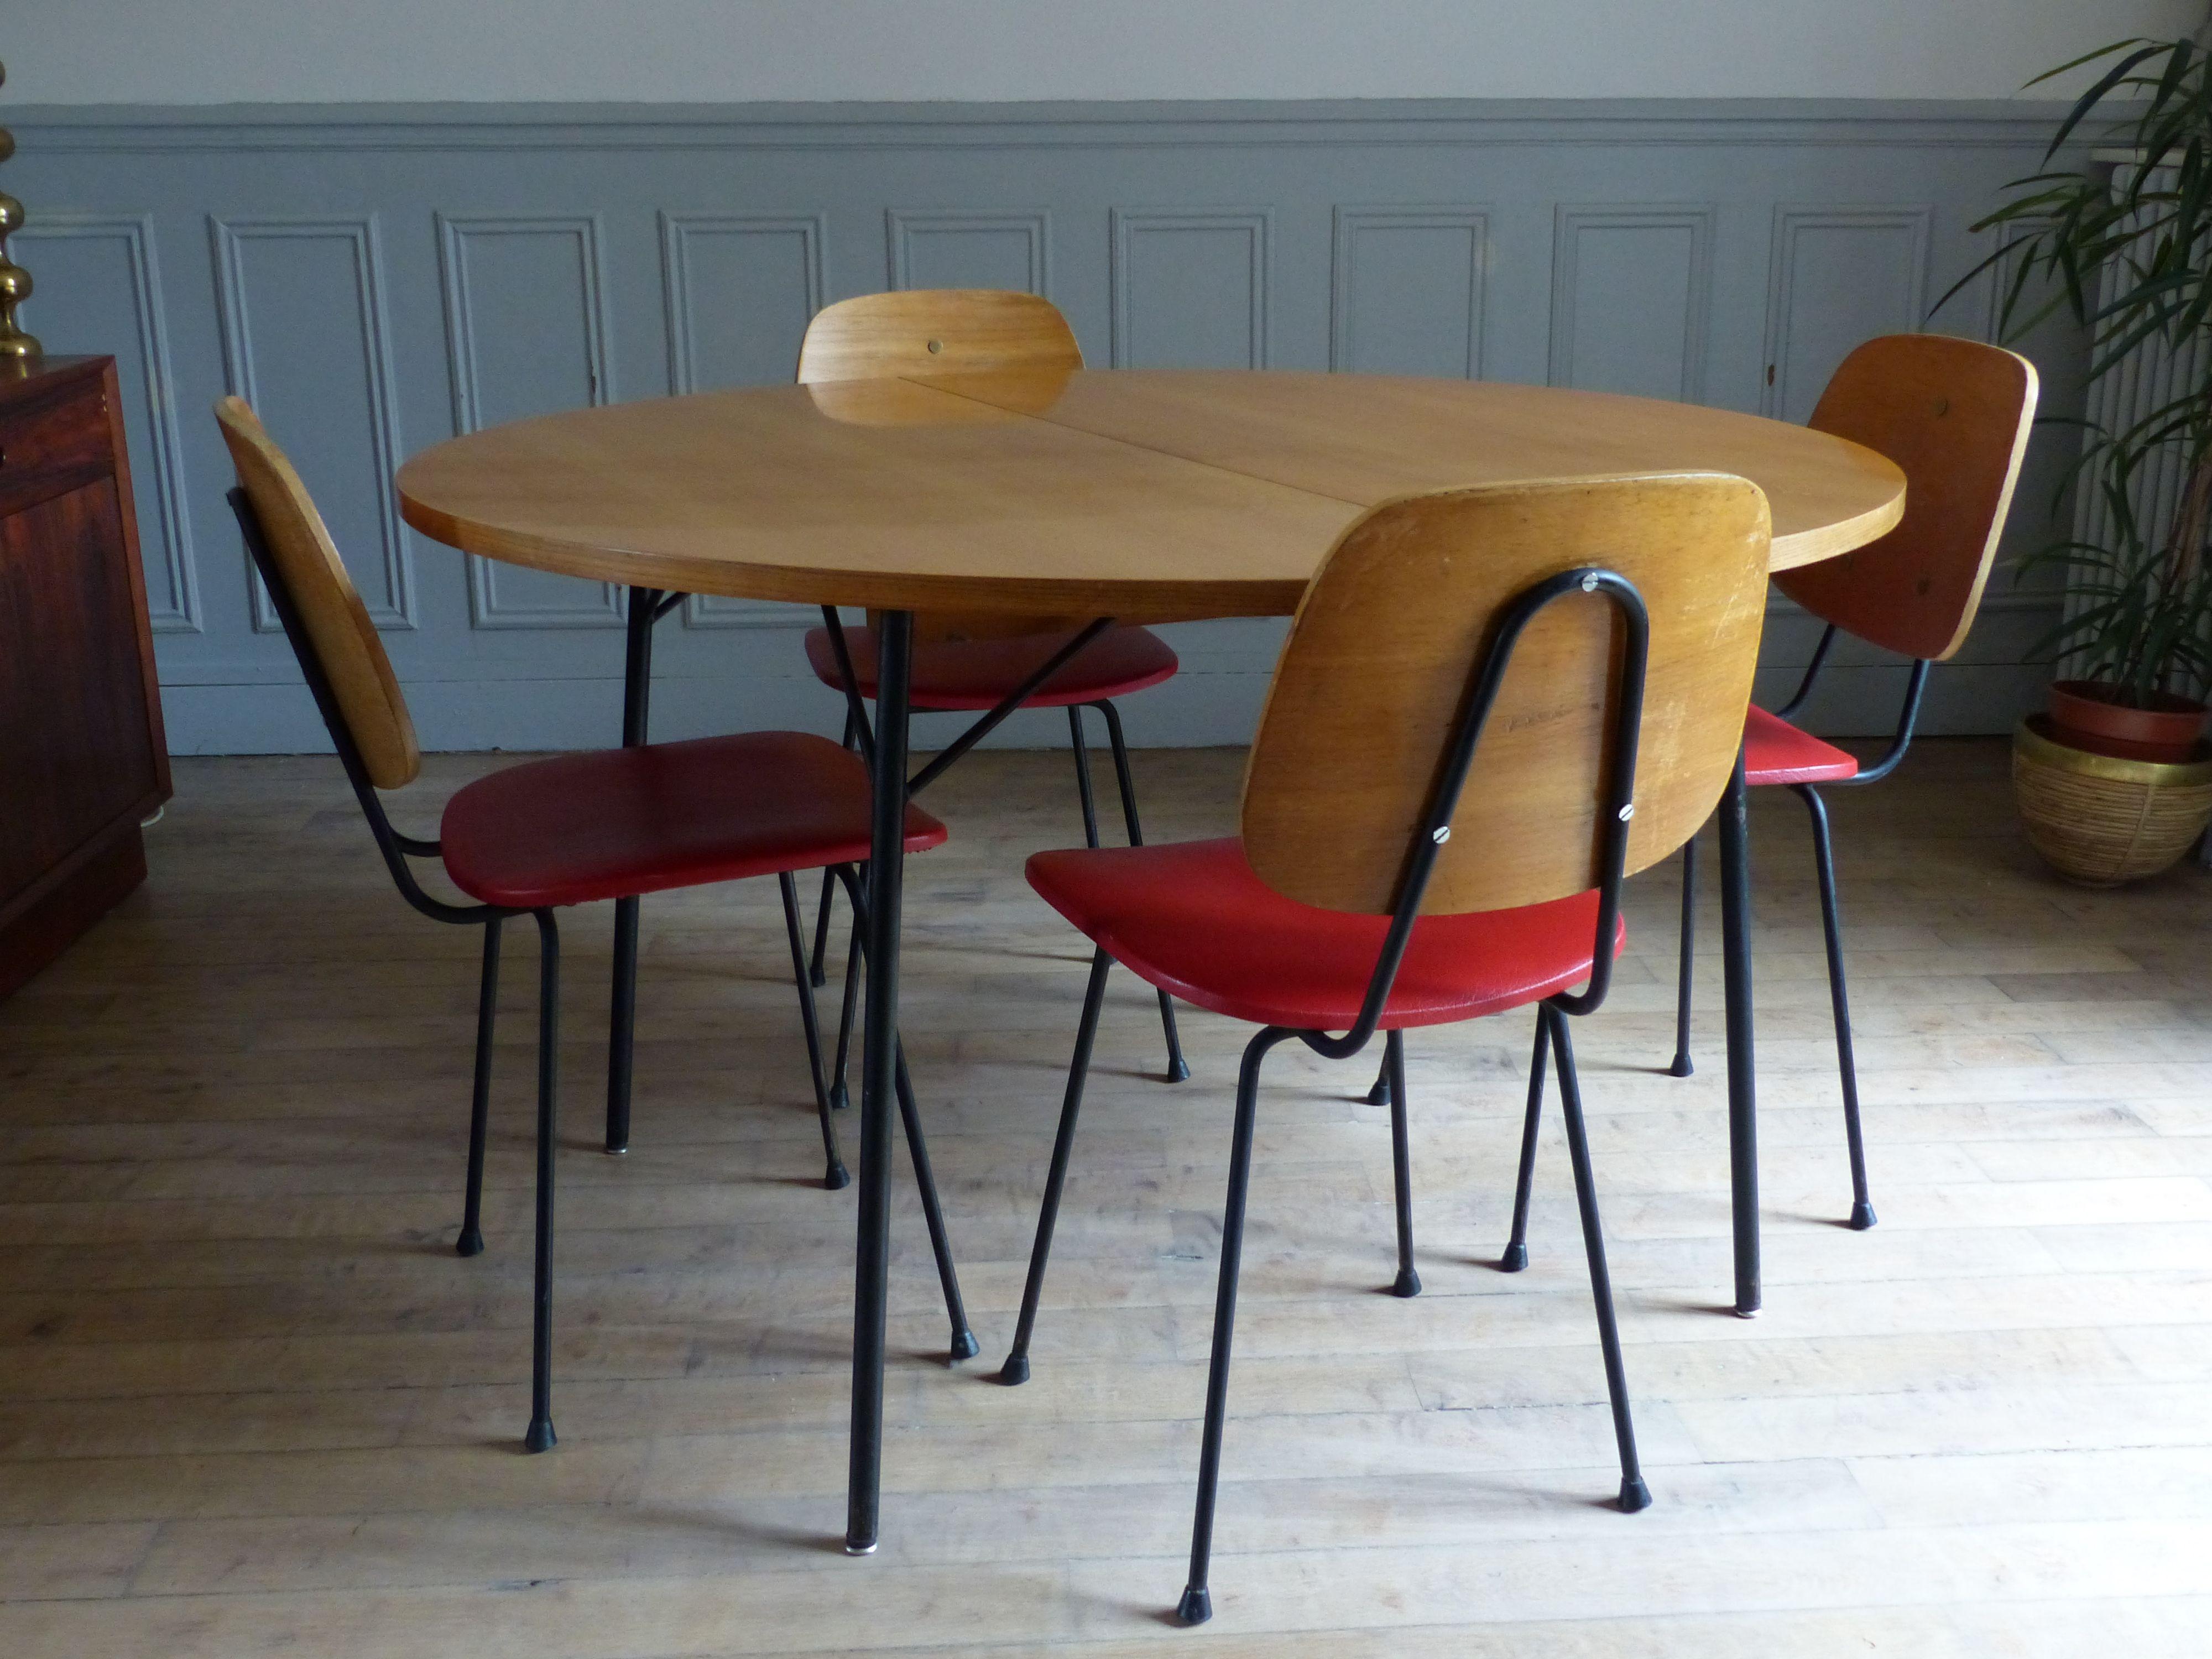 Table Alain Richard Table De Repas Moderniste Table De Repas Vintage Ronde Collectionit Living Room Scandinavian Mobilier De Salon Table Repas